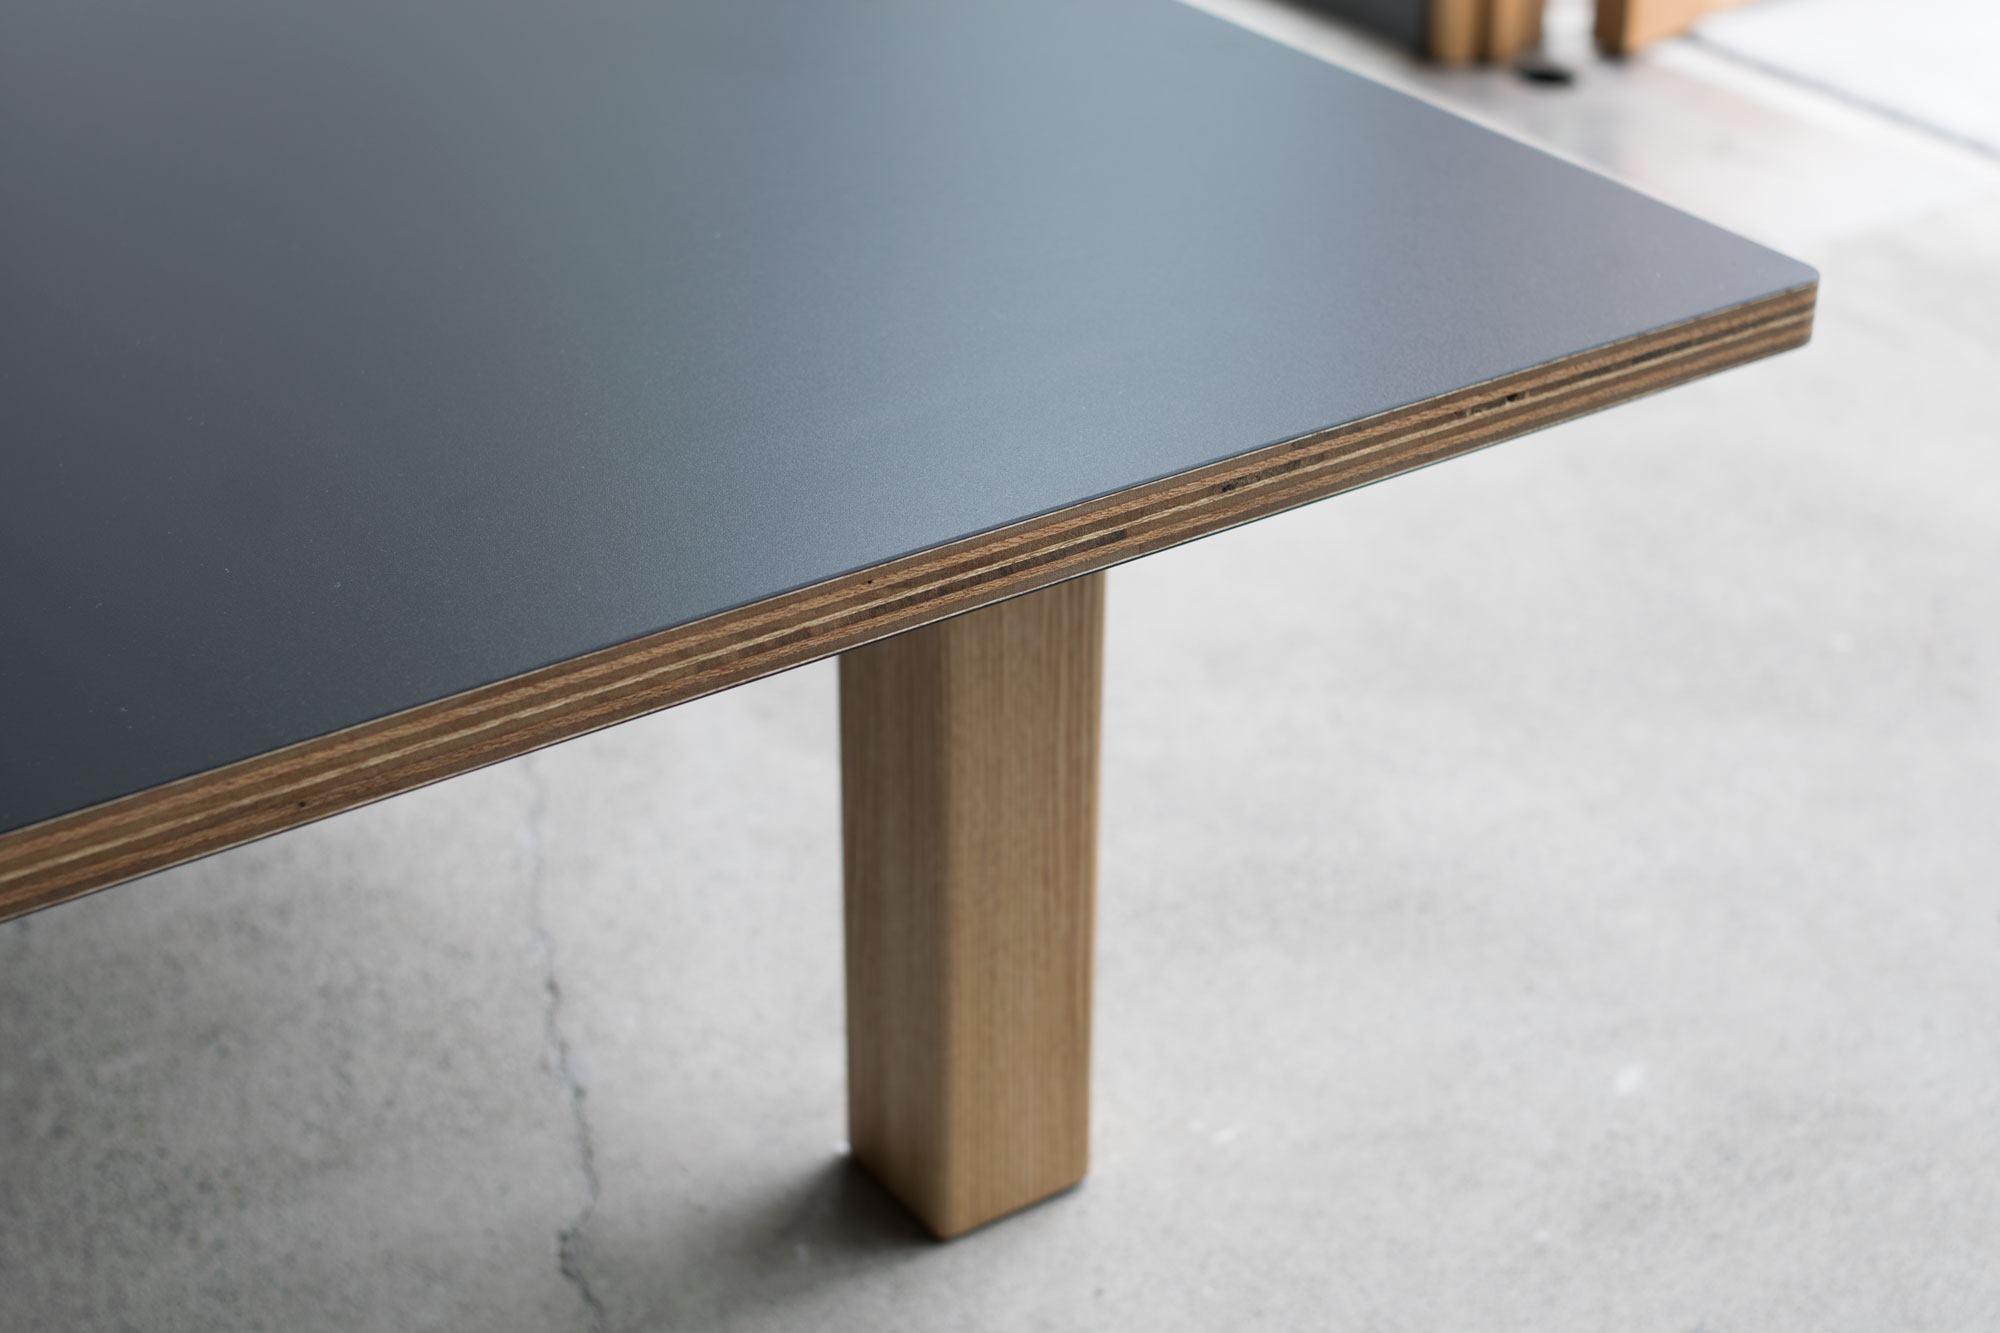 ラーチ合板を天板面に貼ったローテーブル